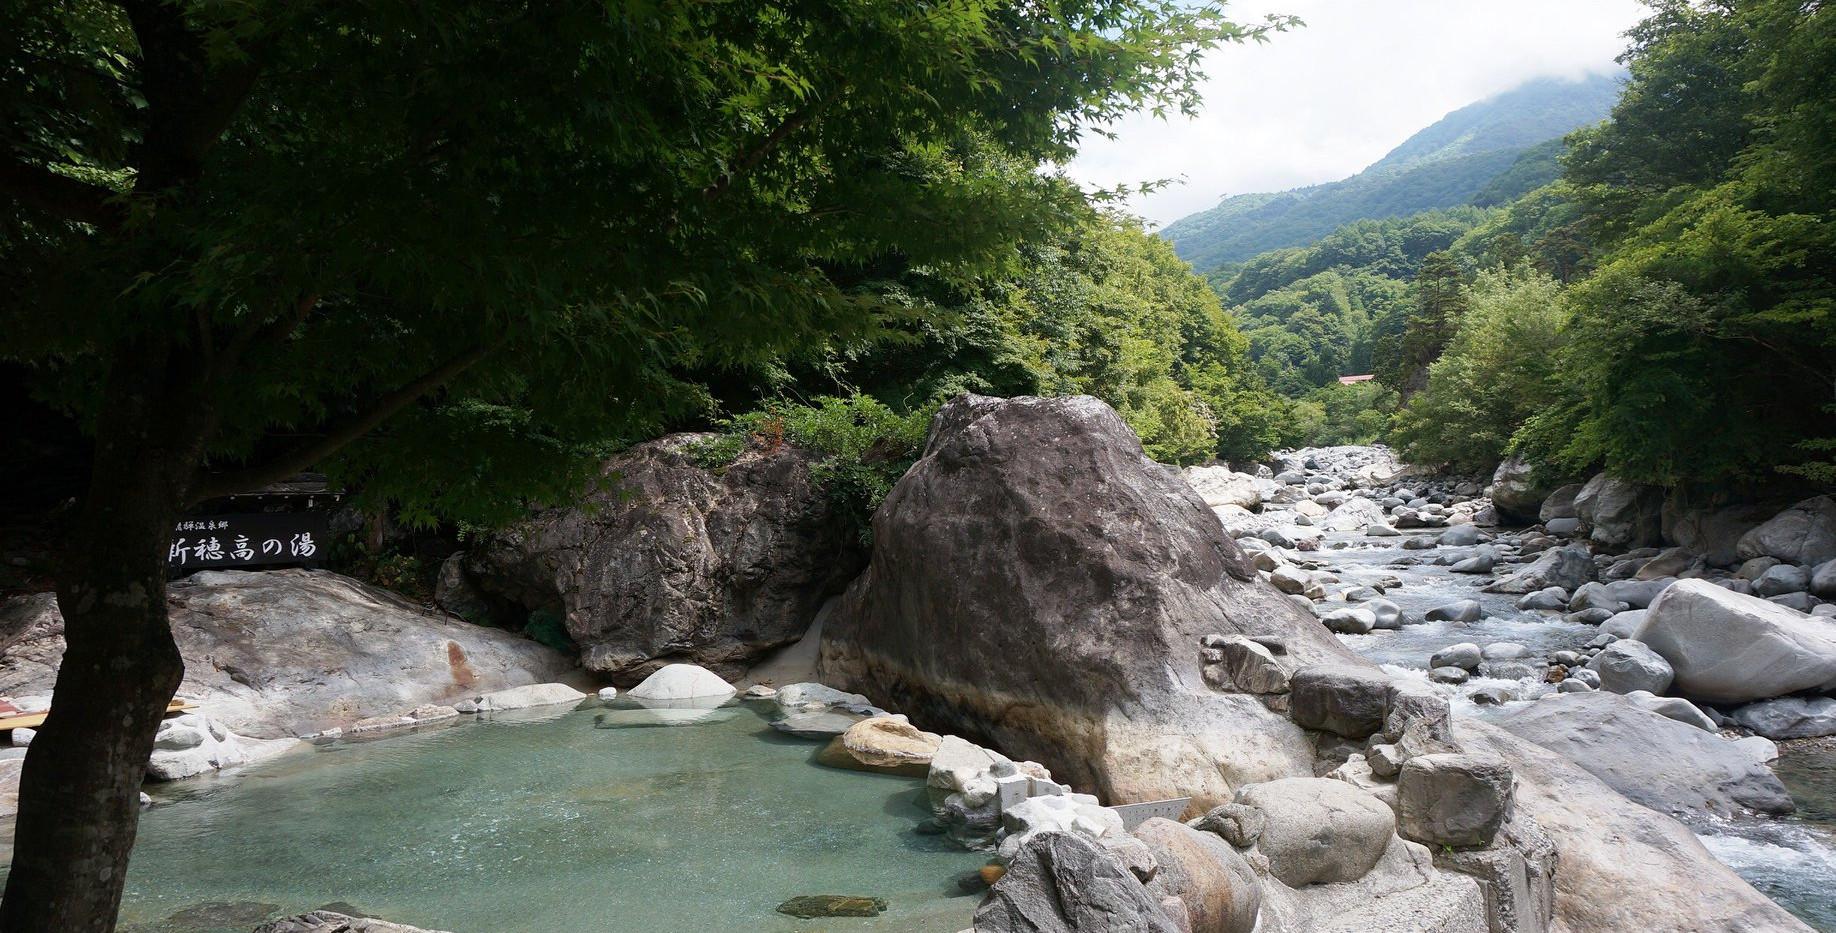 奥飛騨温泉郷 (2).jpg